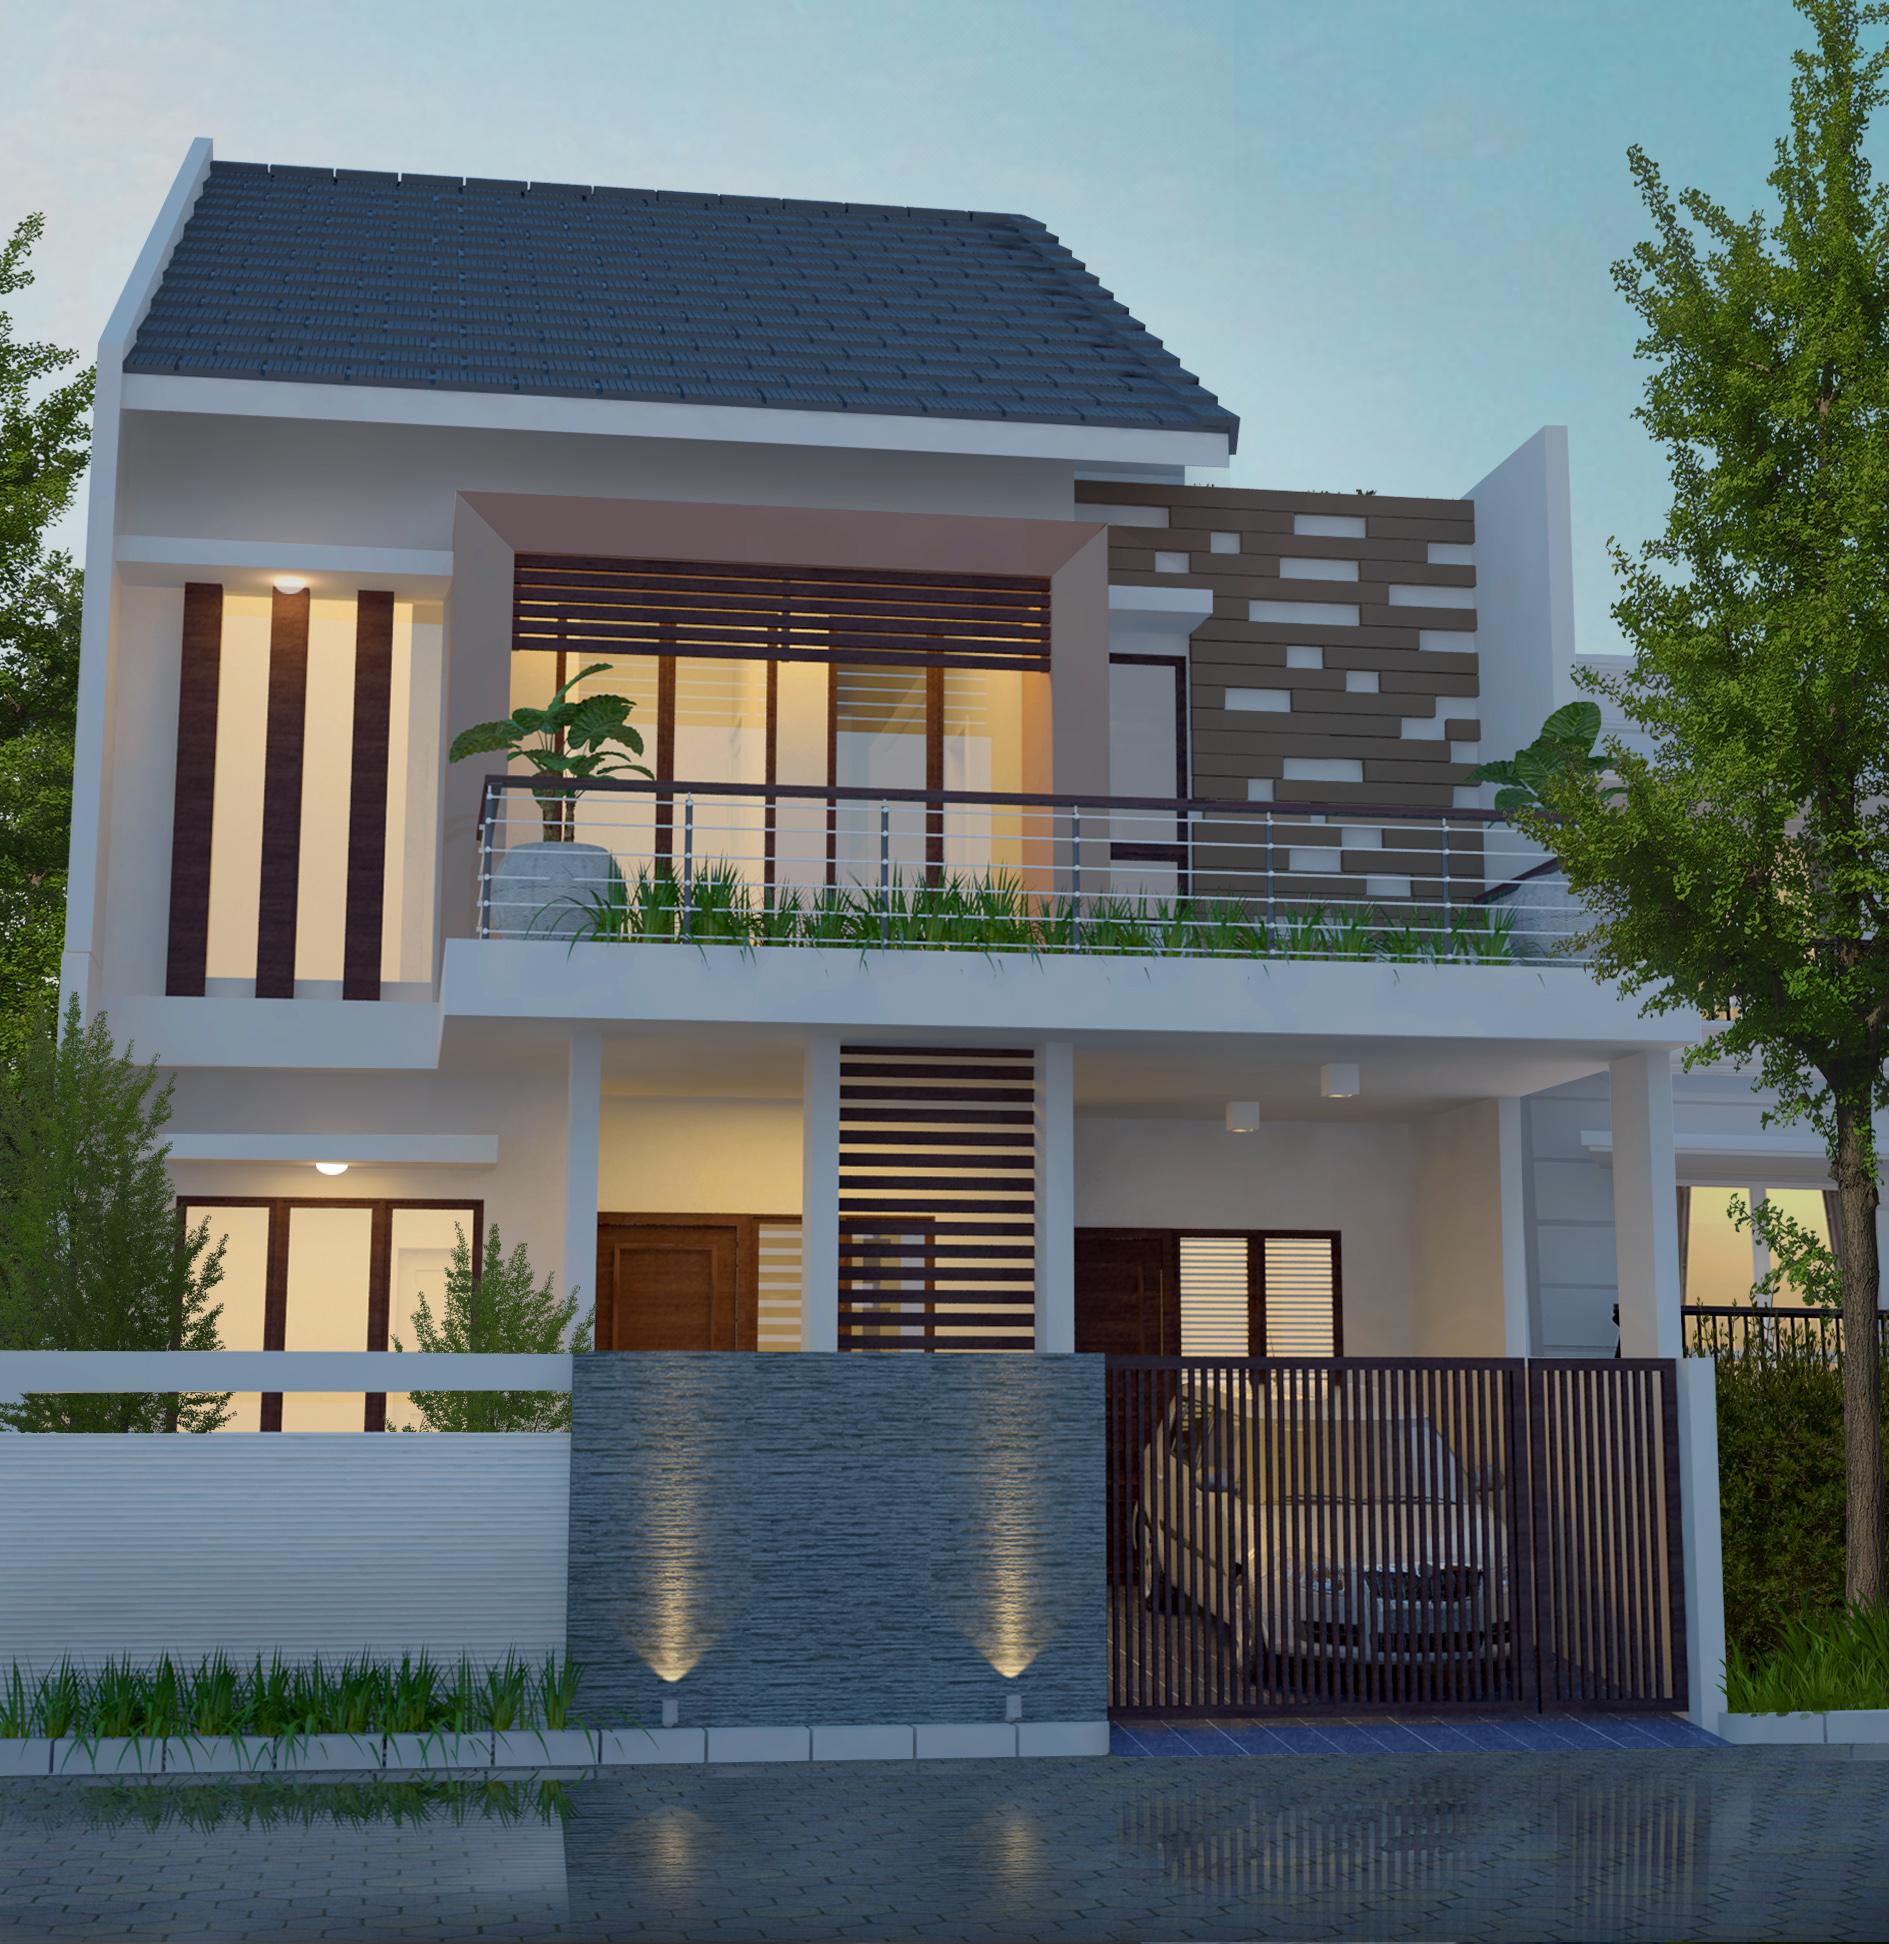 Desain Rumah 9 x 15 M2 Dua Lantai Ada Mushola ~ Desain ...